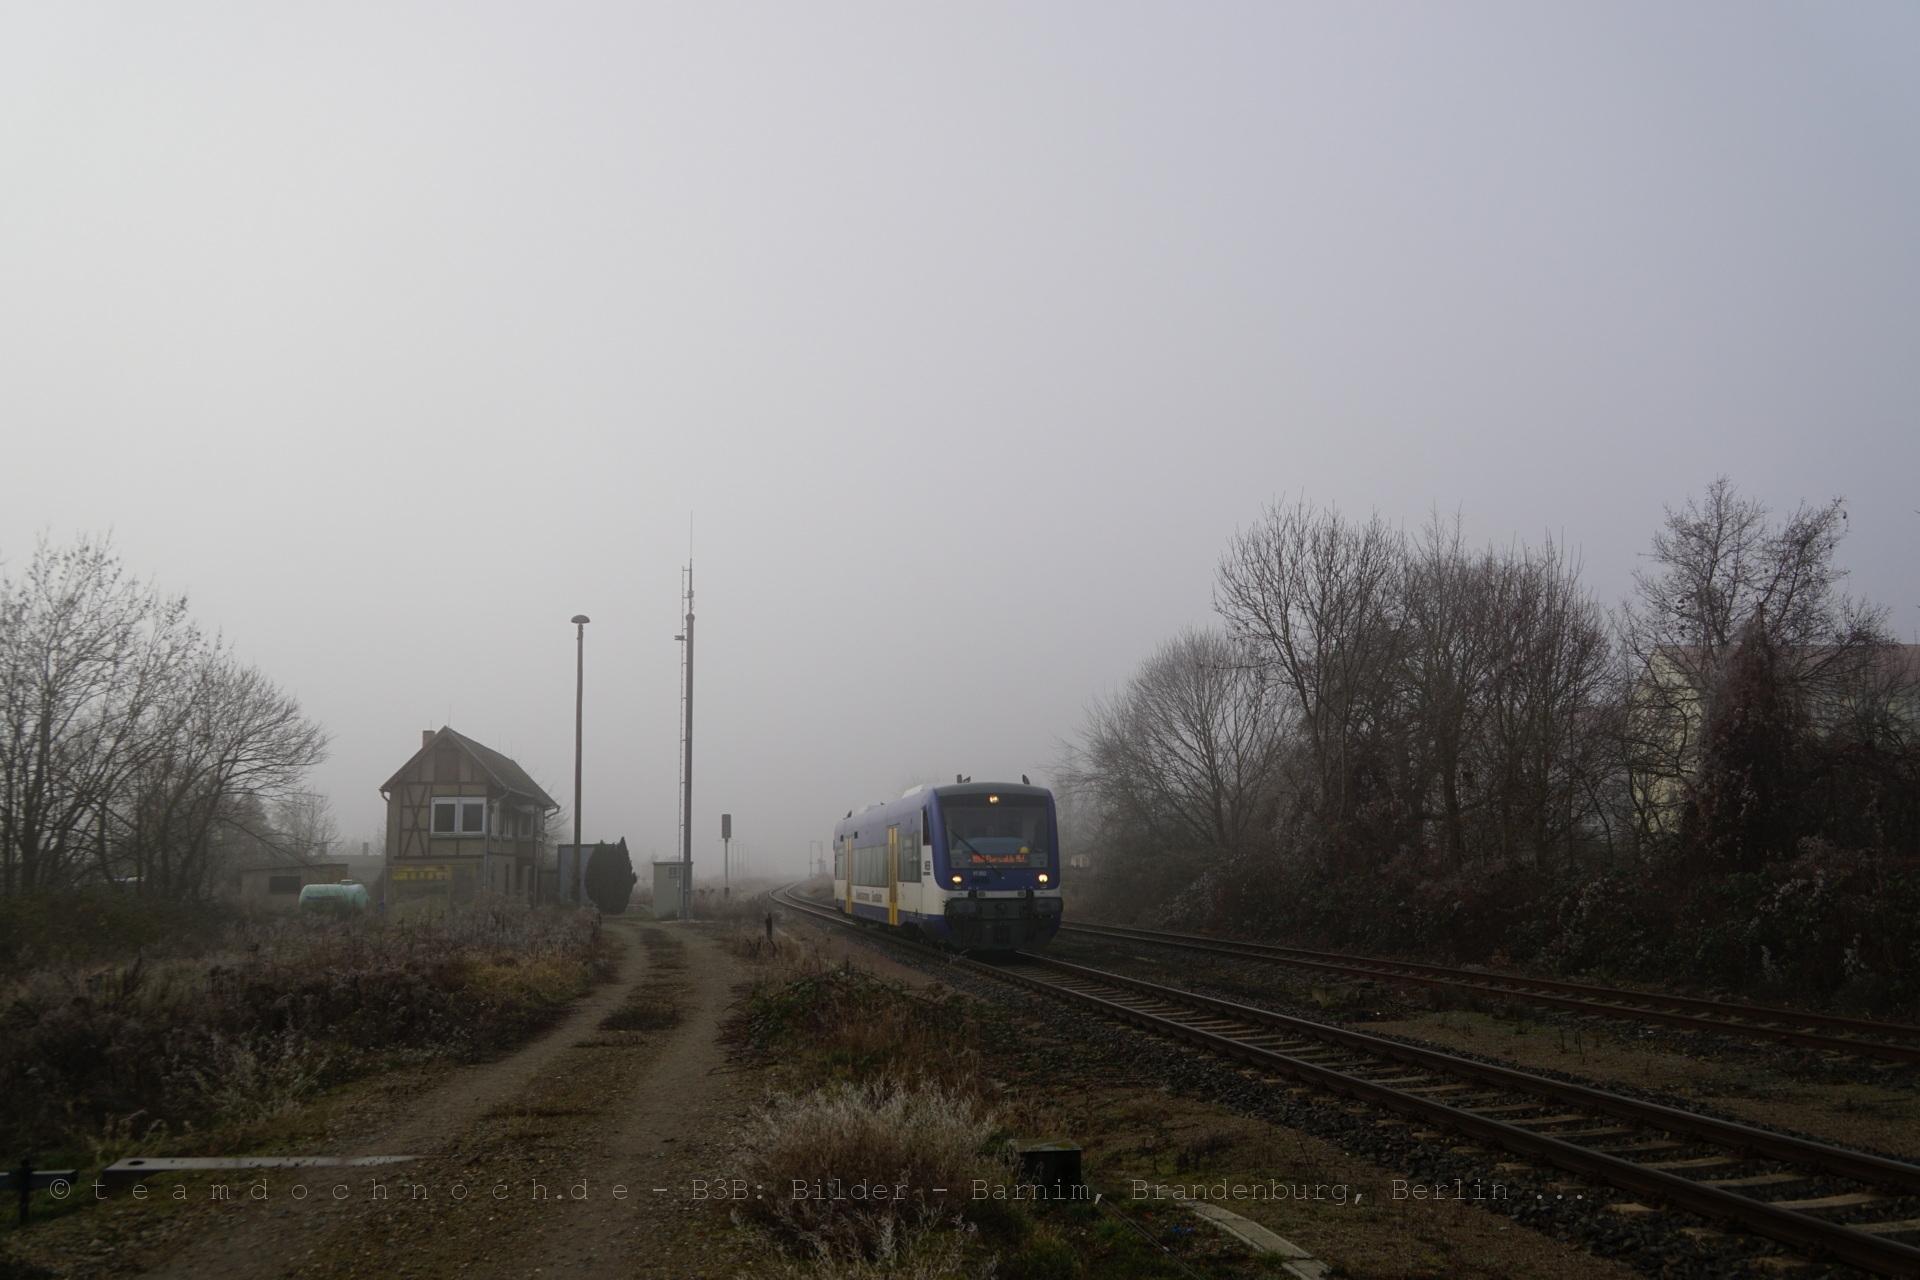 VT002 der NEB verläßt auf dem Weg nach Eberswalde den Bahnhof Wriezen